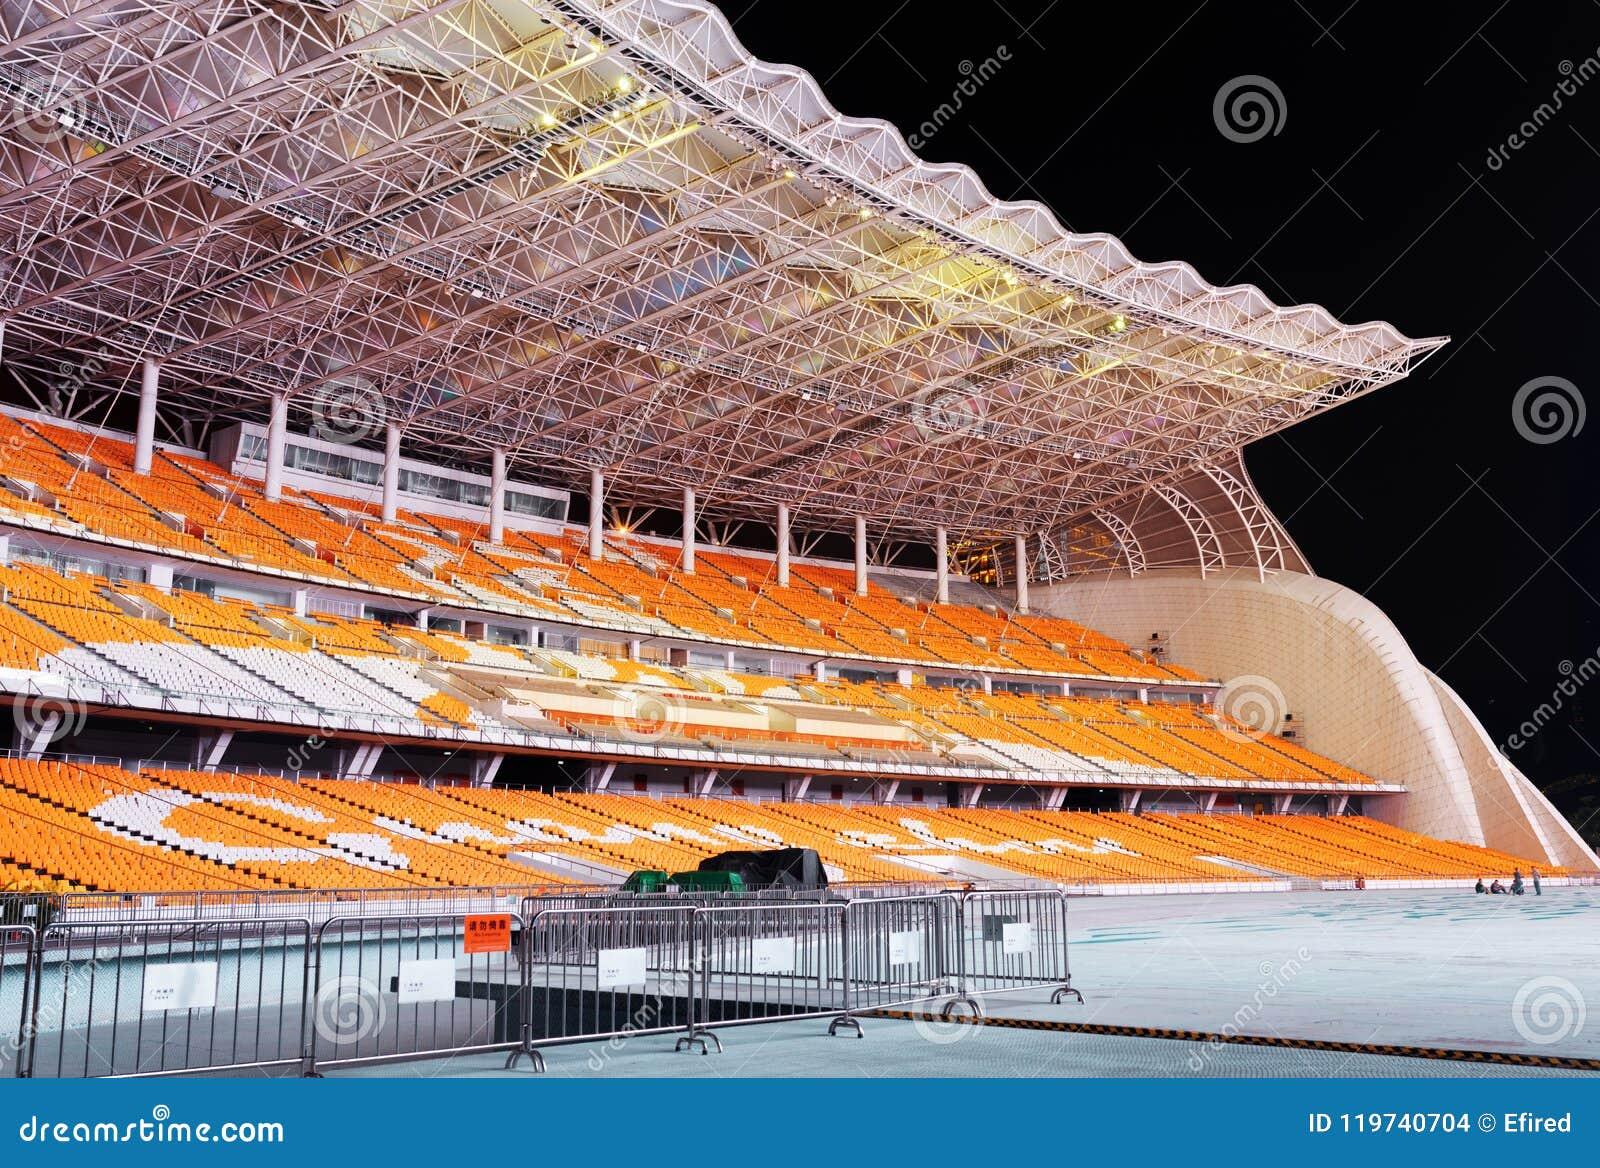 The Asian Games Grandstand of Haixinsha Island, Guangzhou, China